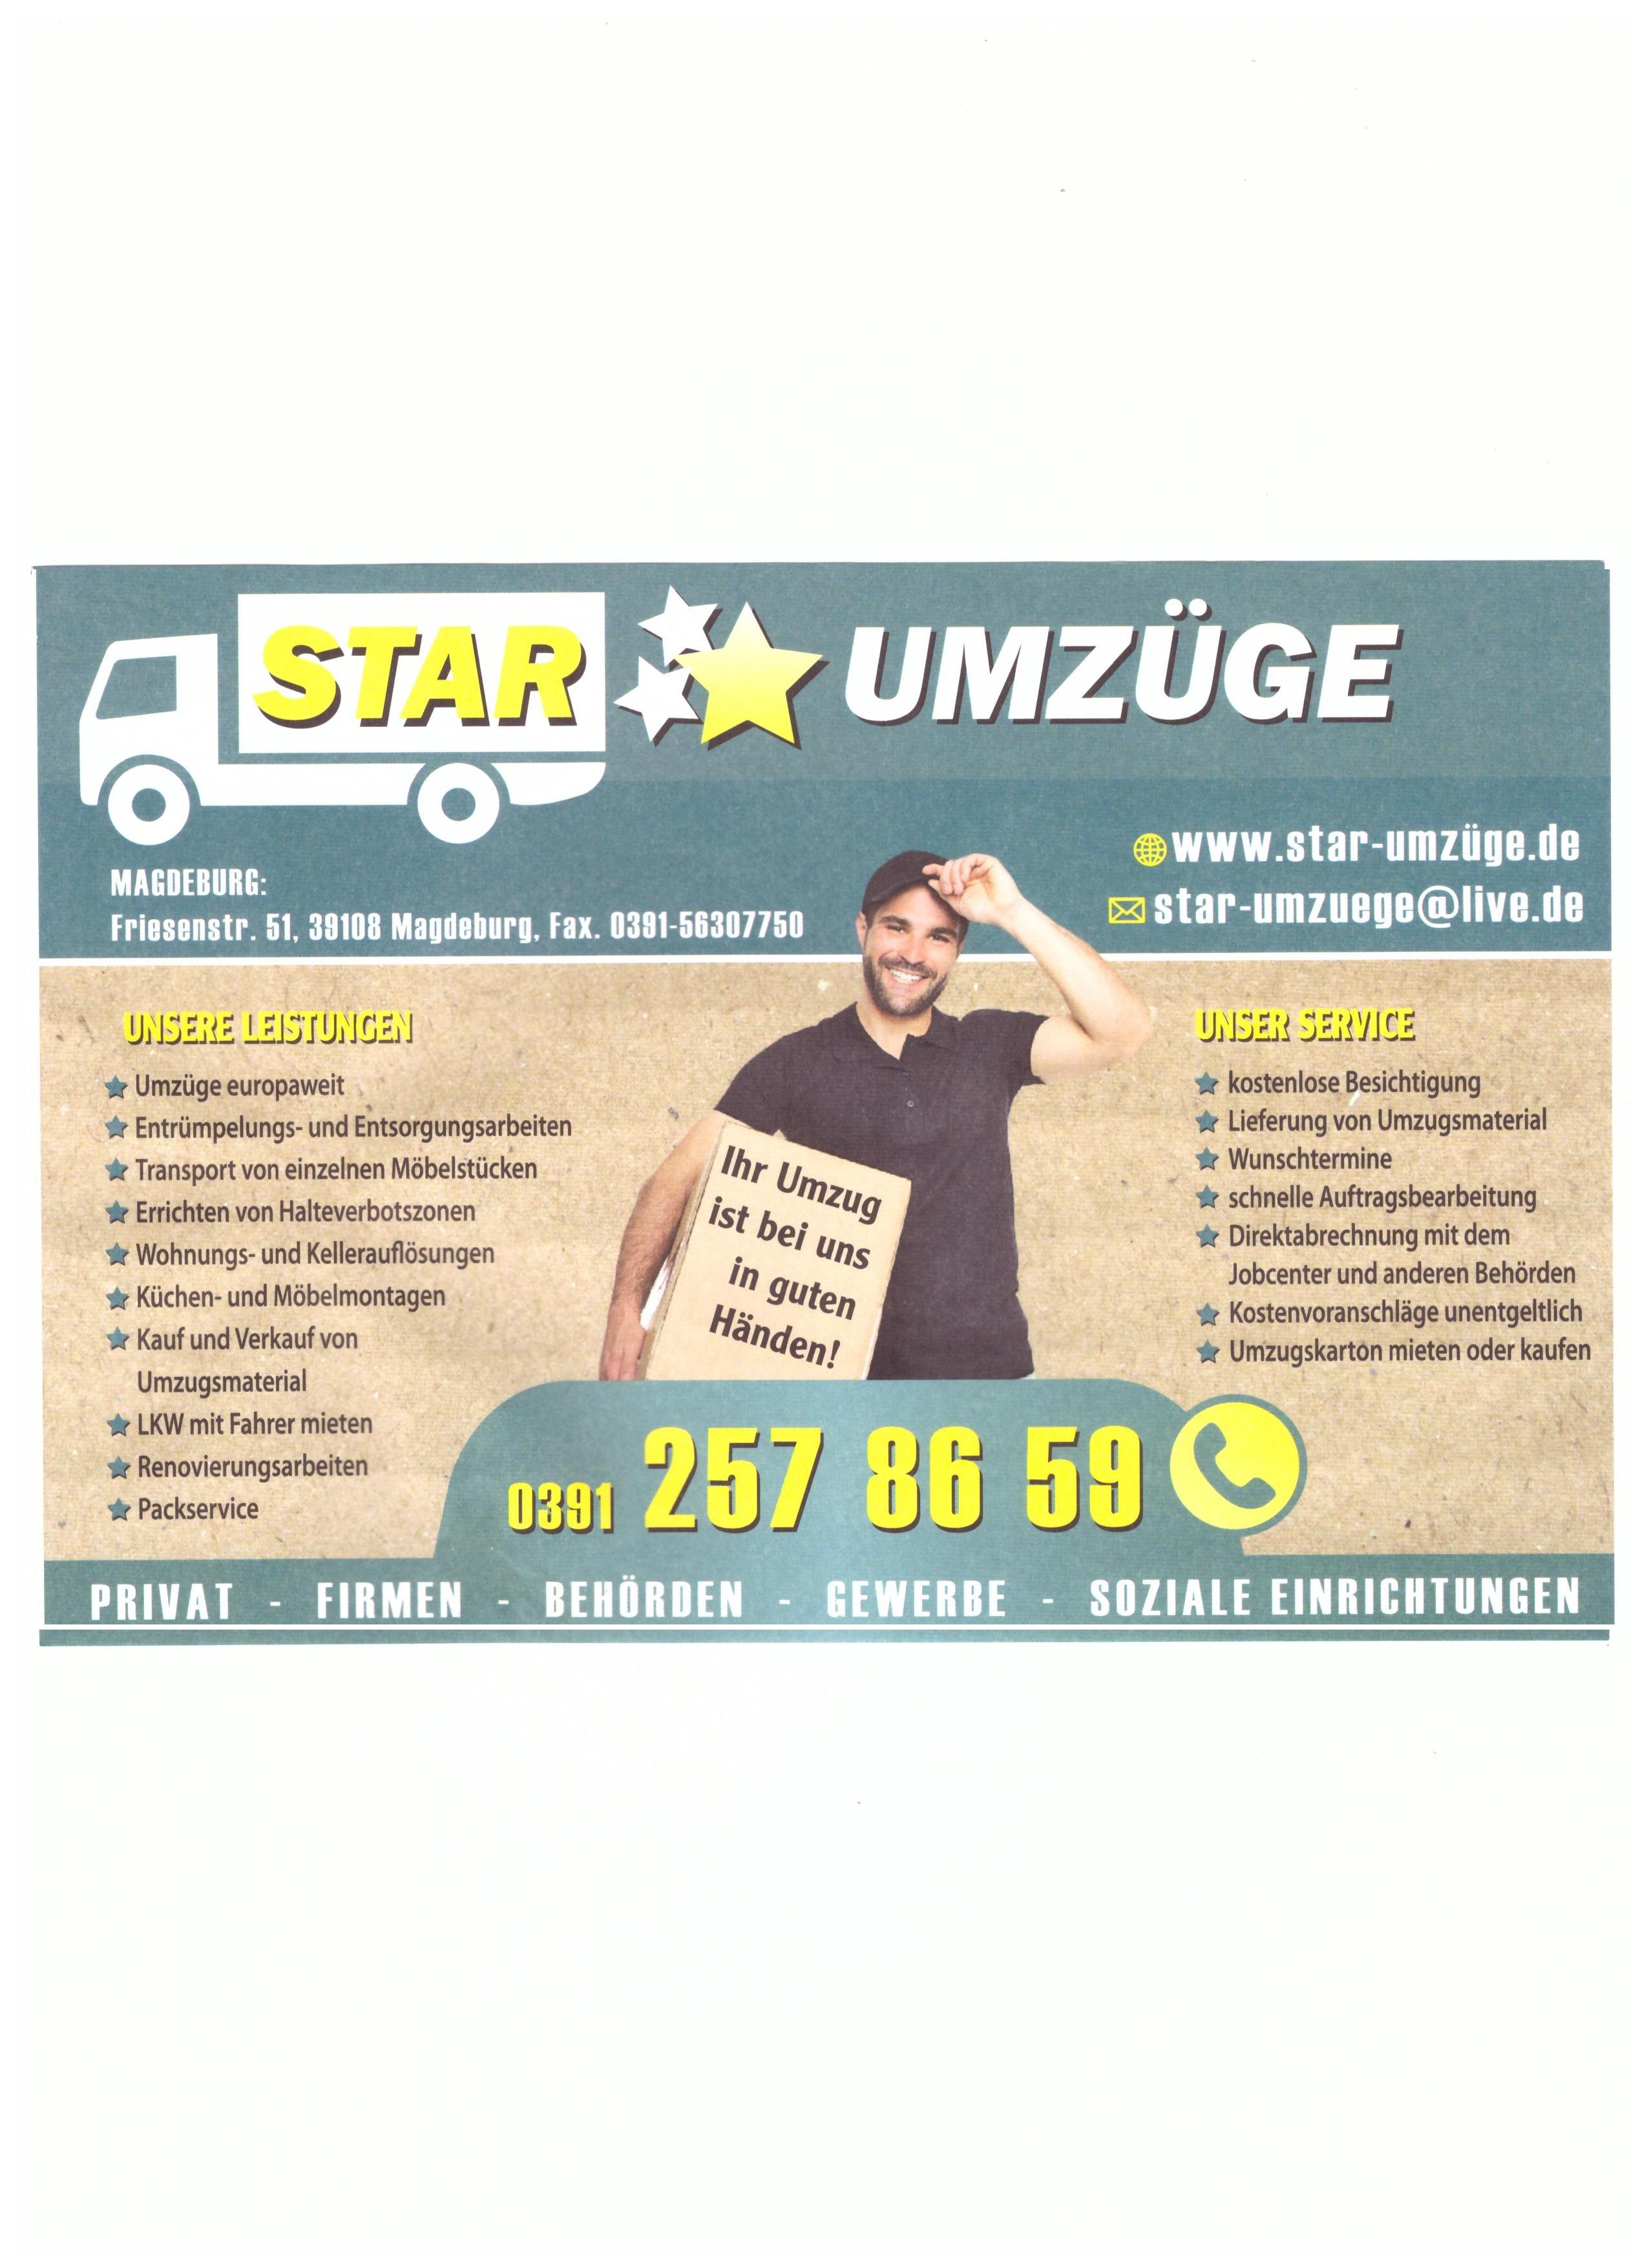 Star Umzuge Magdeburg 39108 Magdeburg Stadtfeld Ost